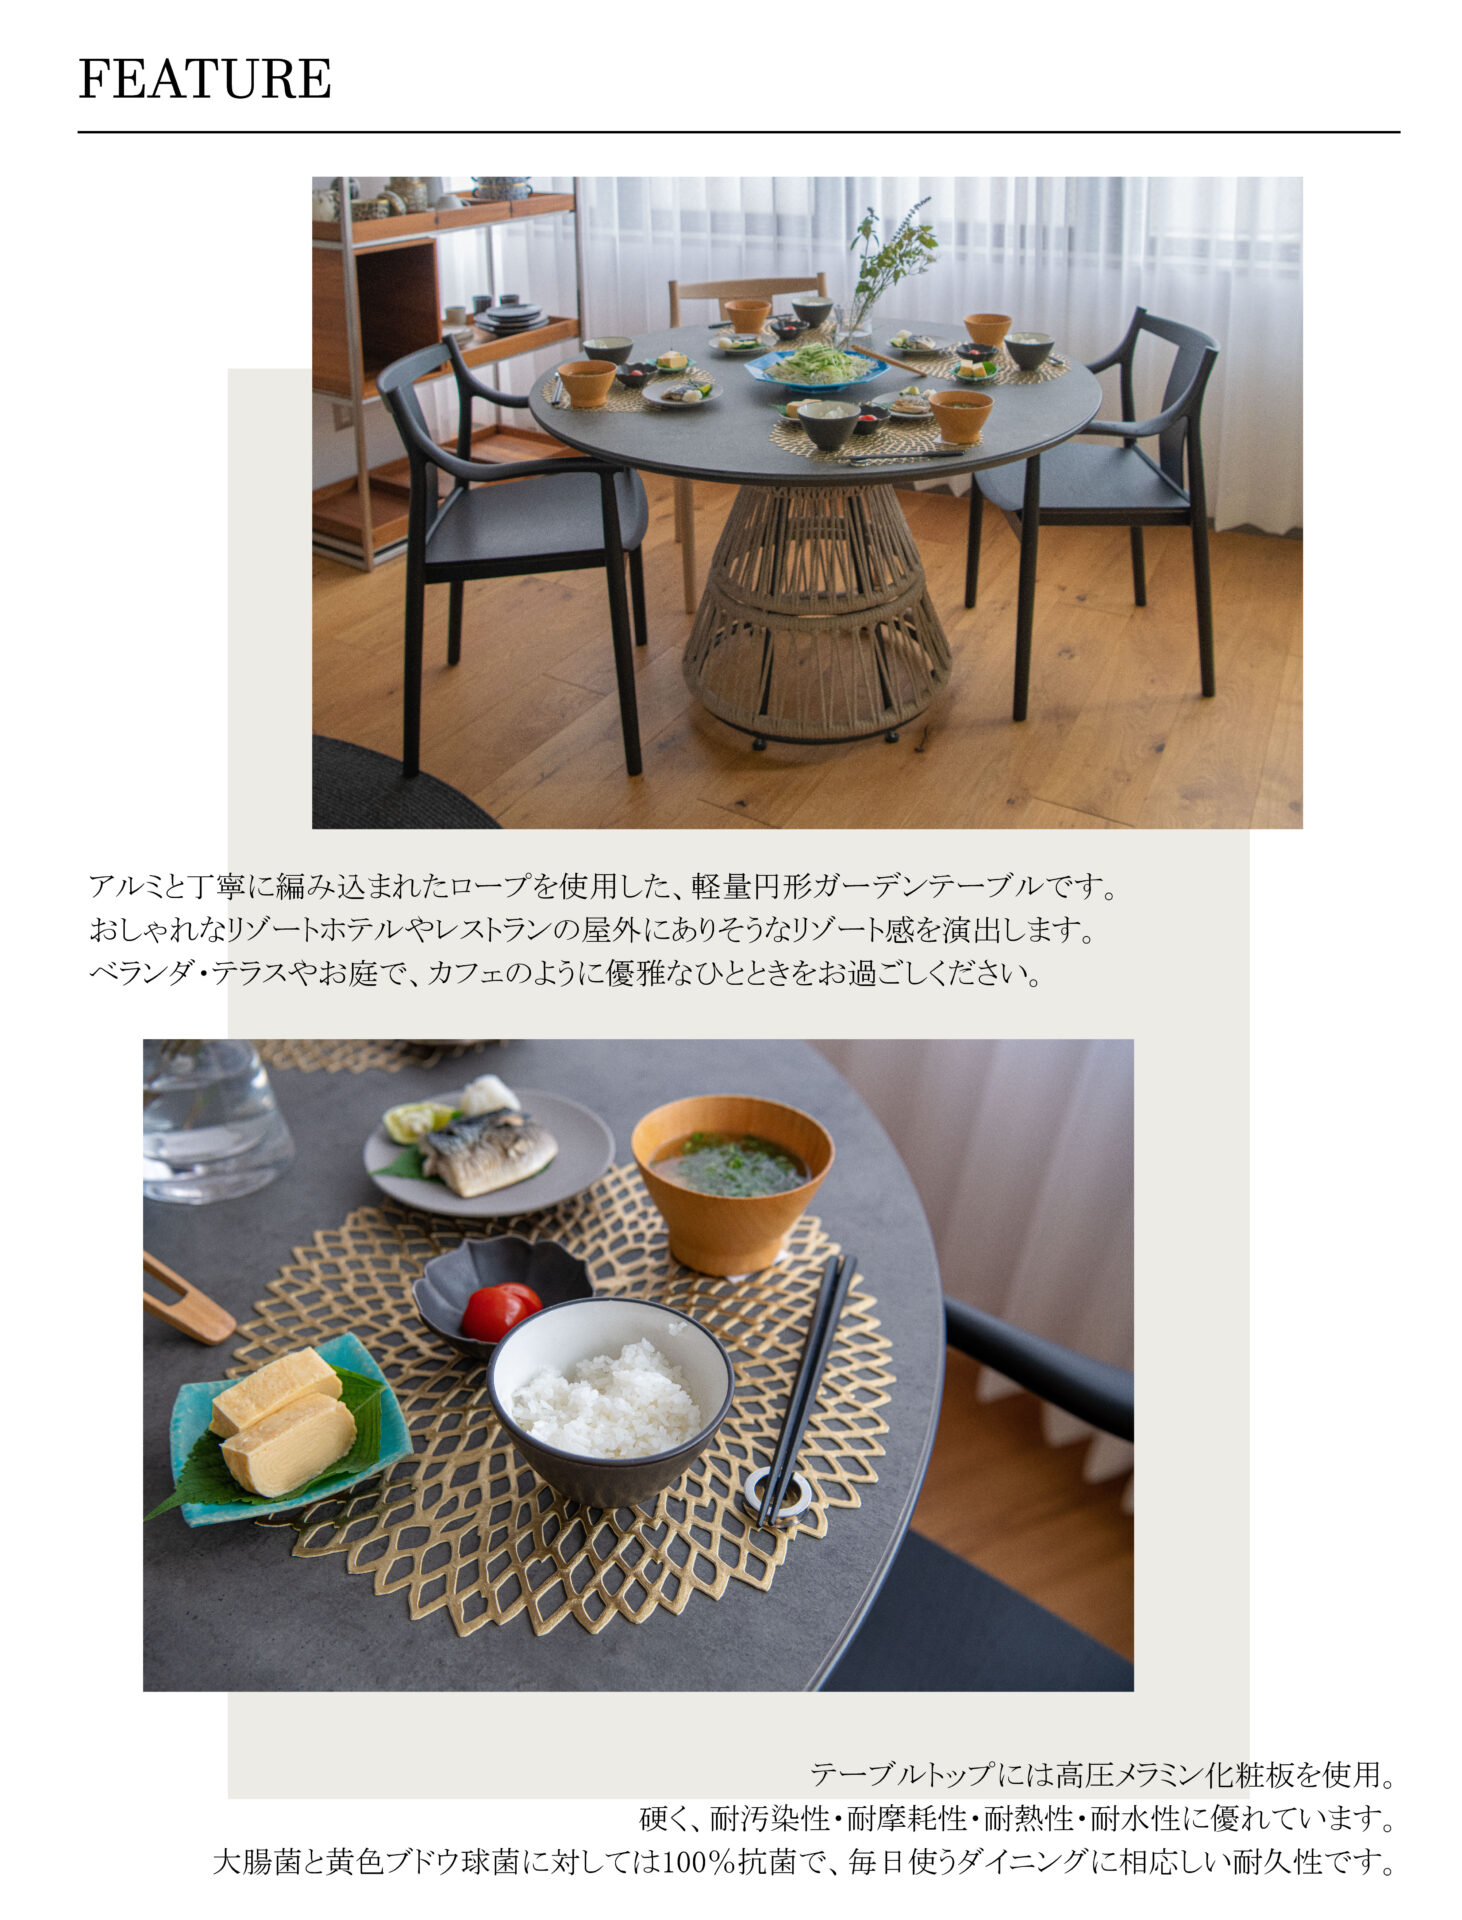 アルミと丁寧に編み込まれたロープを使用した、軽量円形ガーデンテーブルです。おしゃれなリゾートホテルやレストランの屋外にありそうなリゾート感を演出します。ベランダ・テラスやお庭で、カフェのように優雅なひとときをお過ごしください。